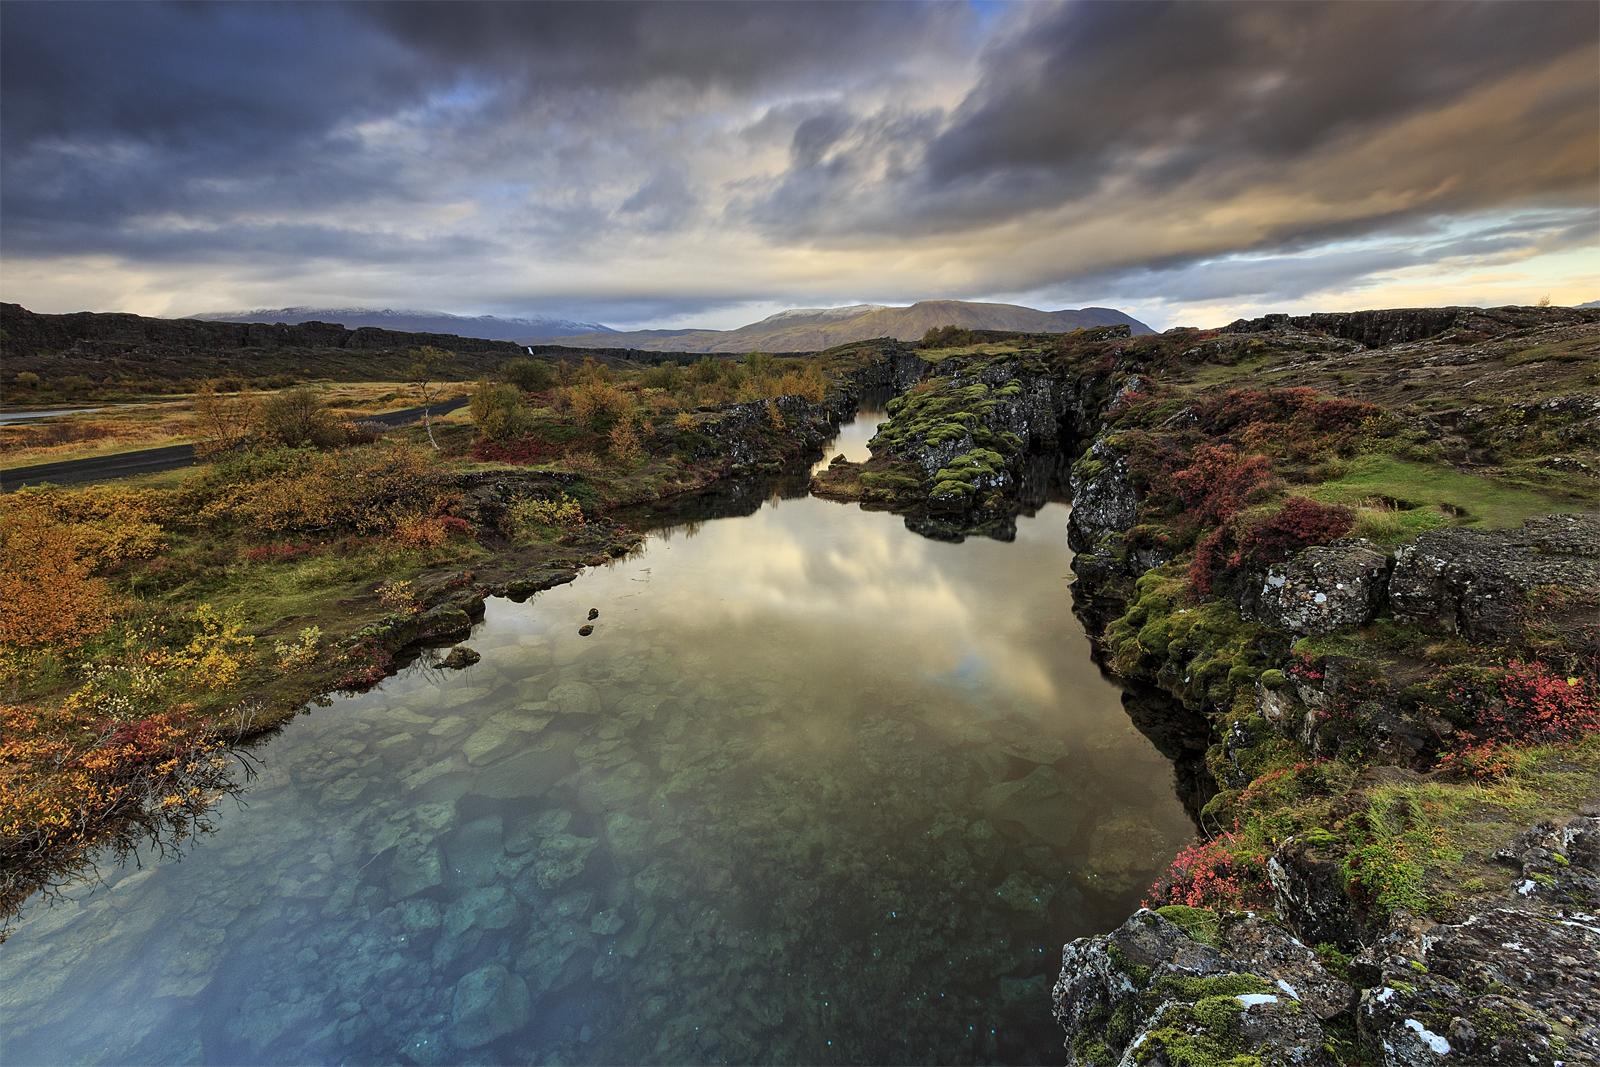 Der Thingvellir-Nationalpark, wo zwei tektonische Platten auseinander treiben.